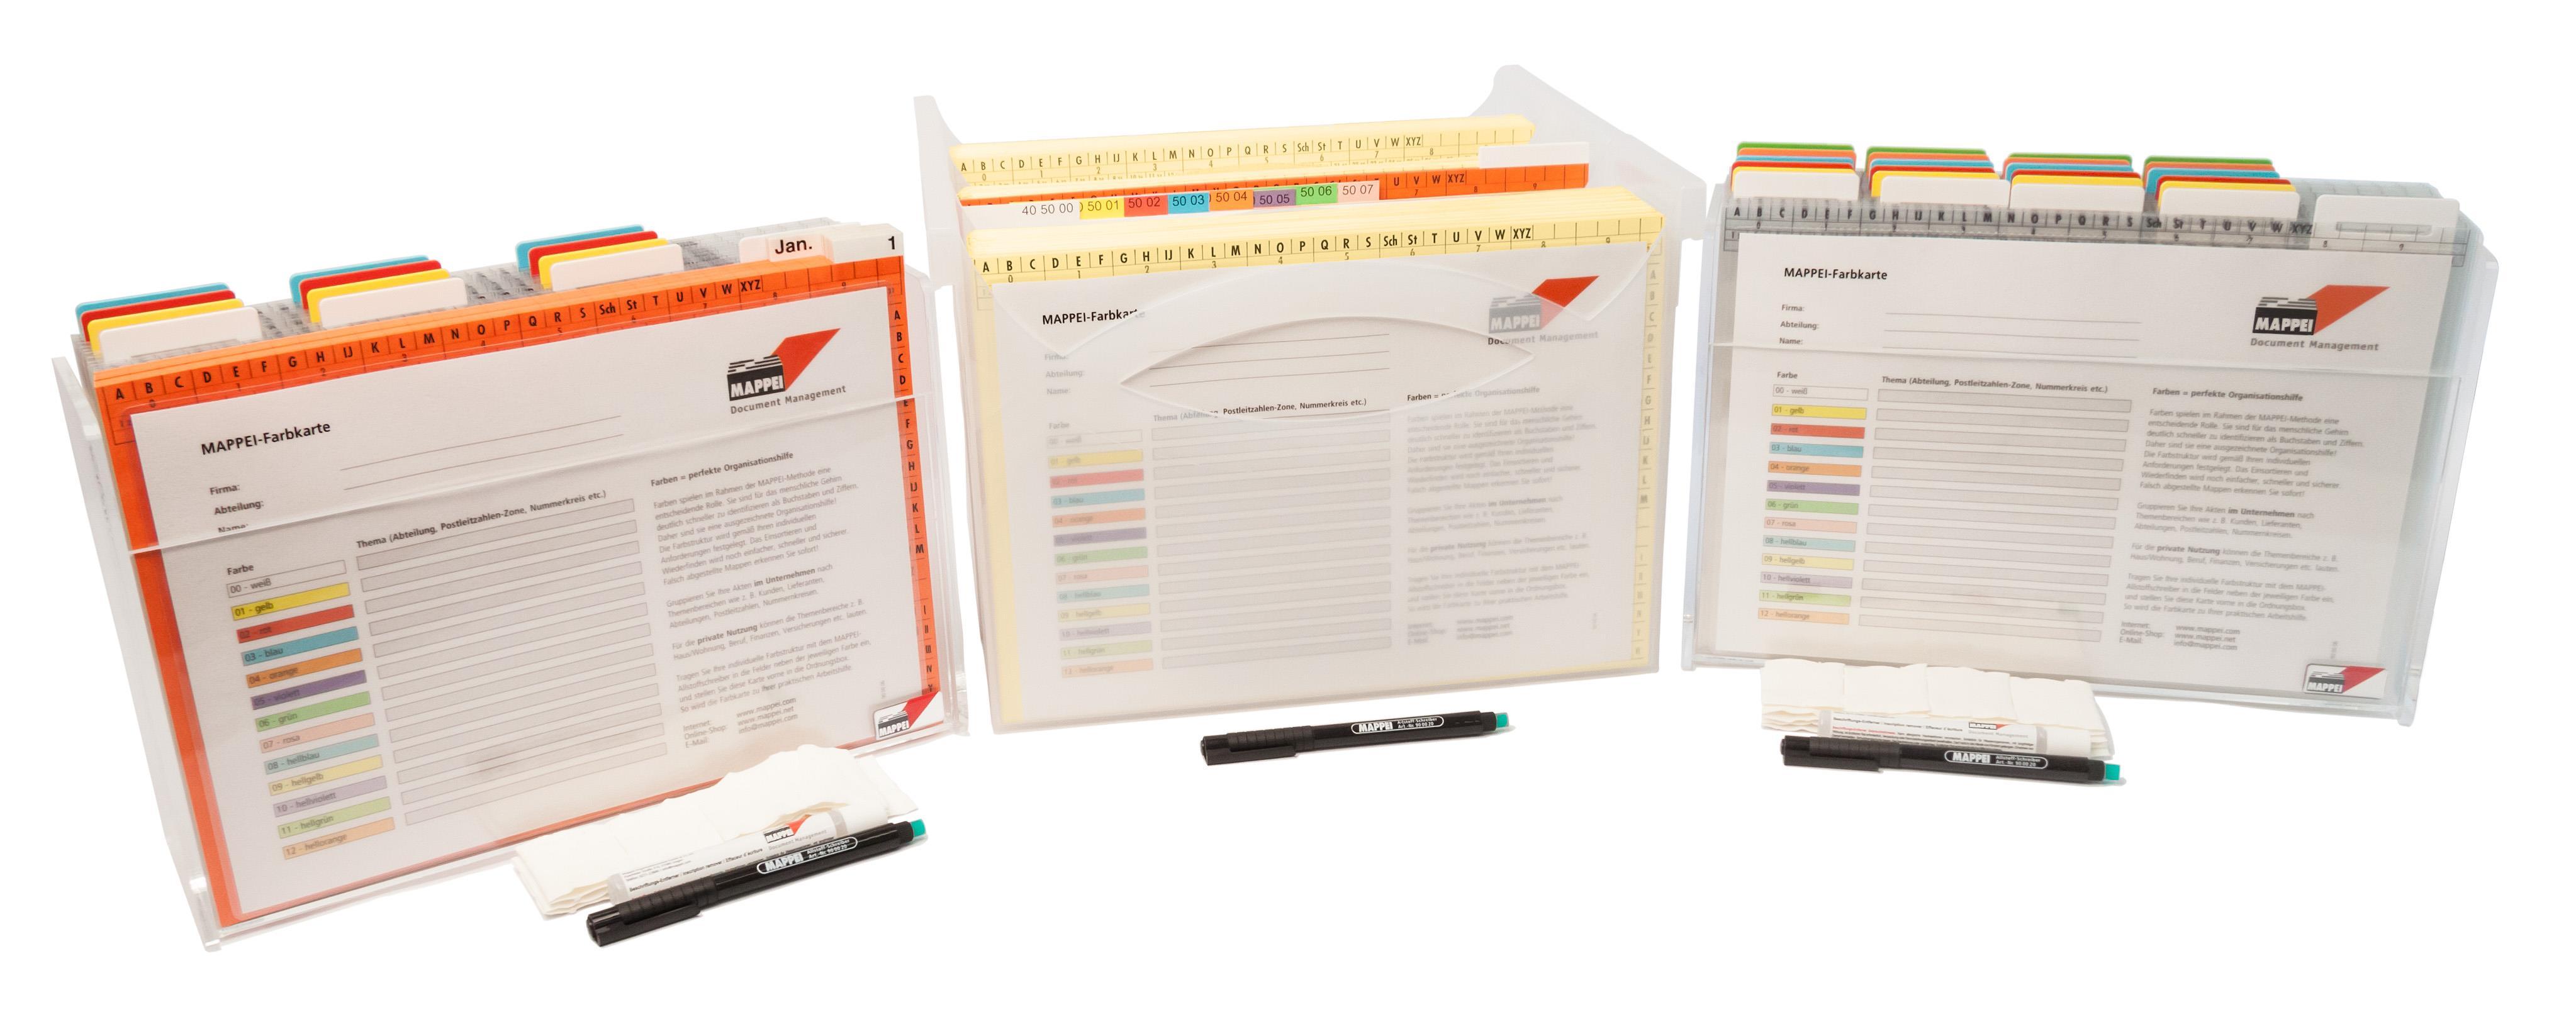 Arbeitsplatz-Organisation komplett - Aufgaben, Termine, Doku